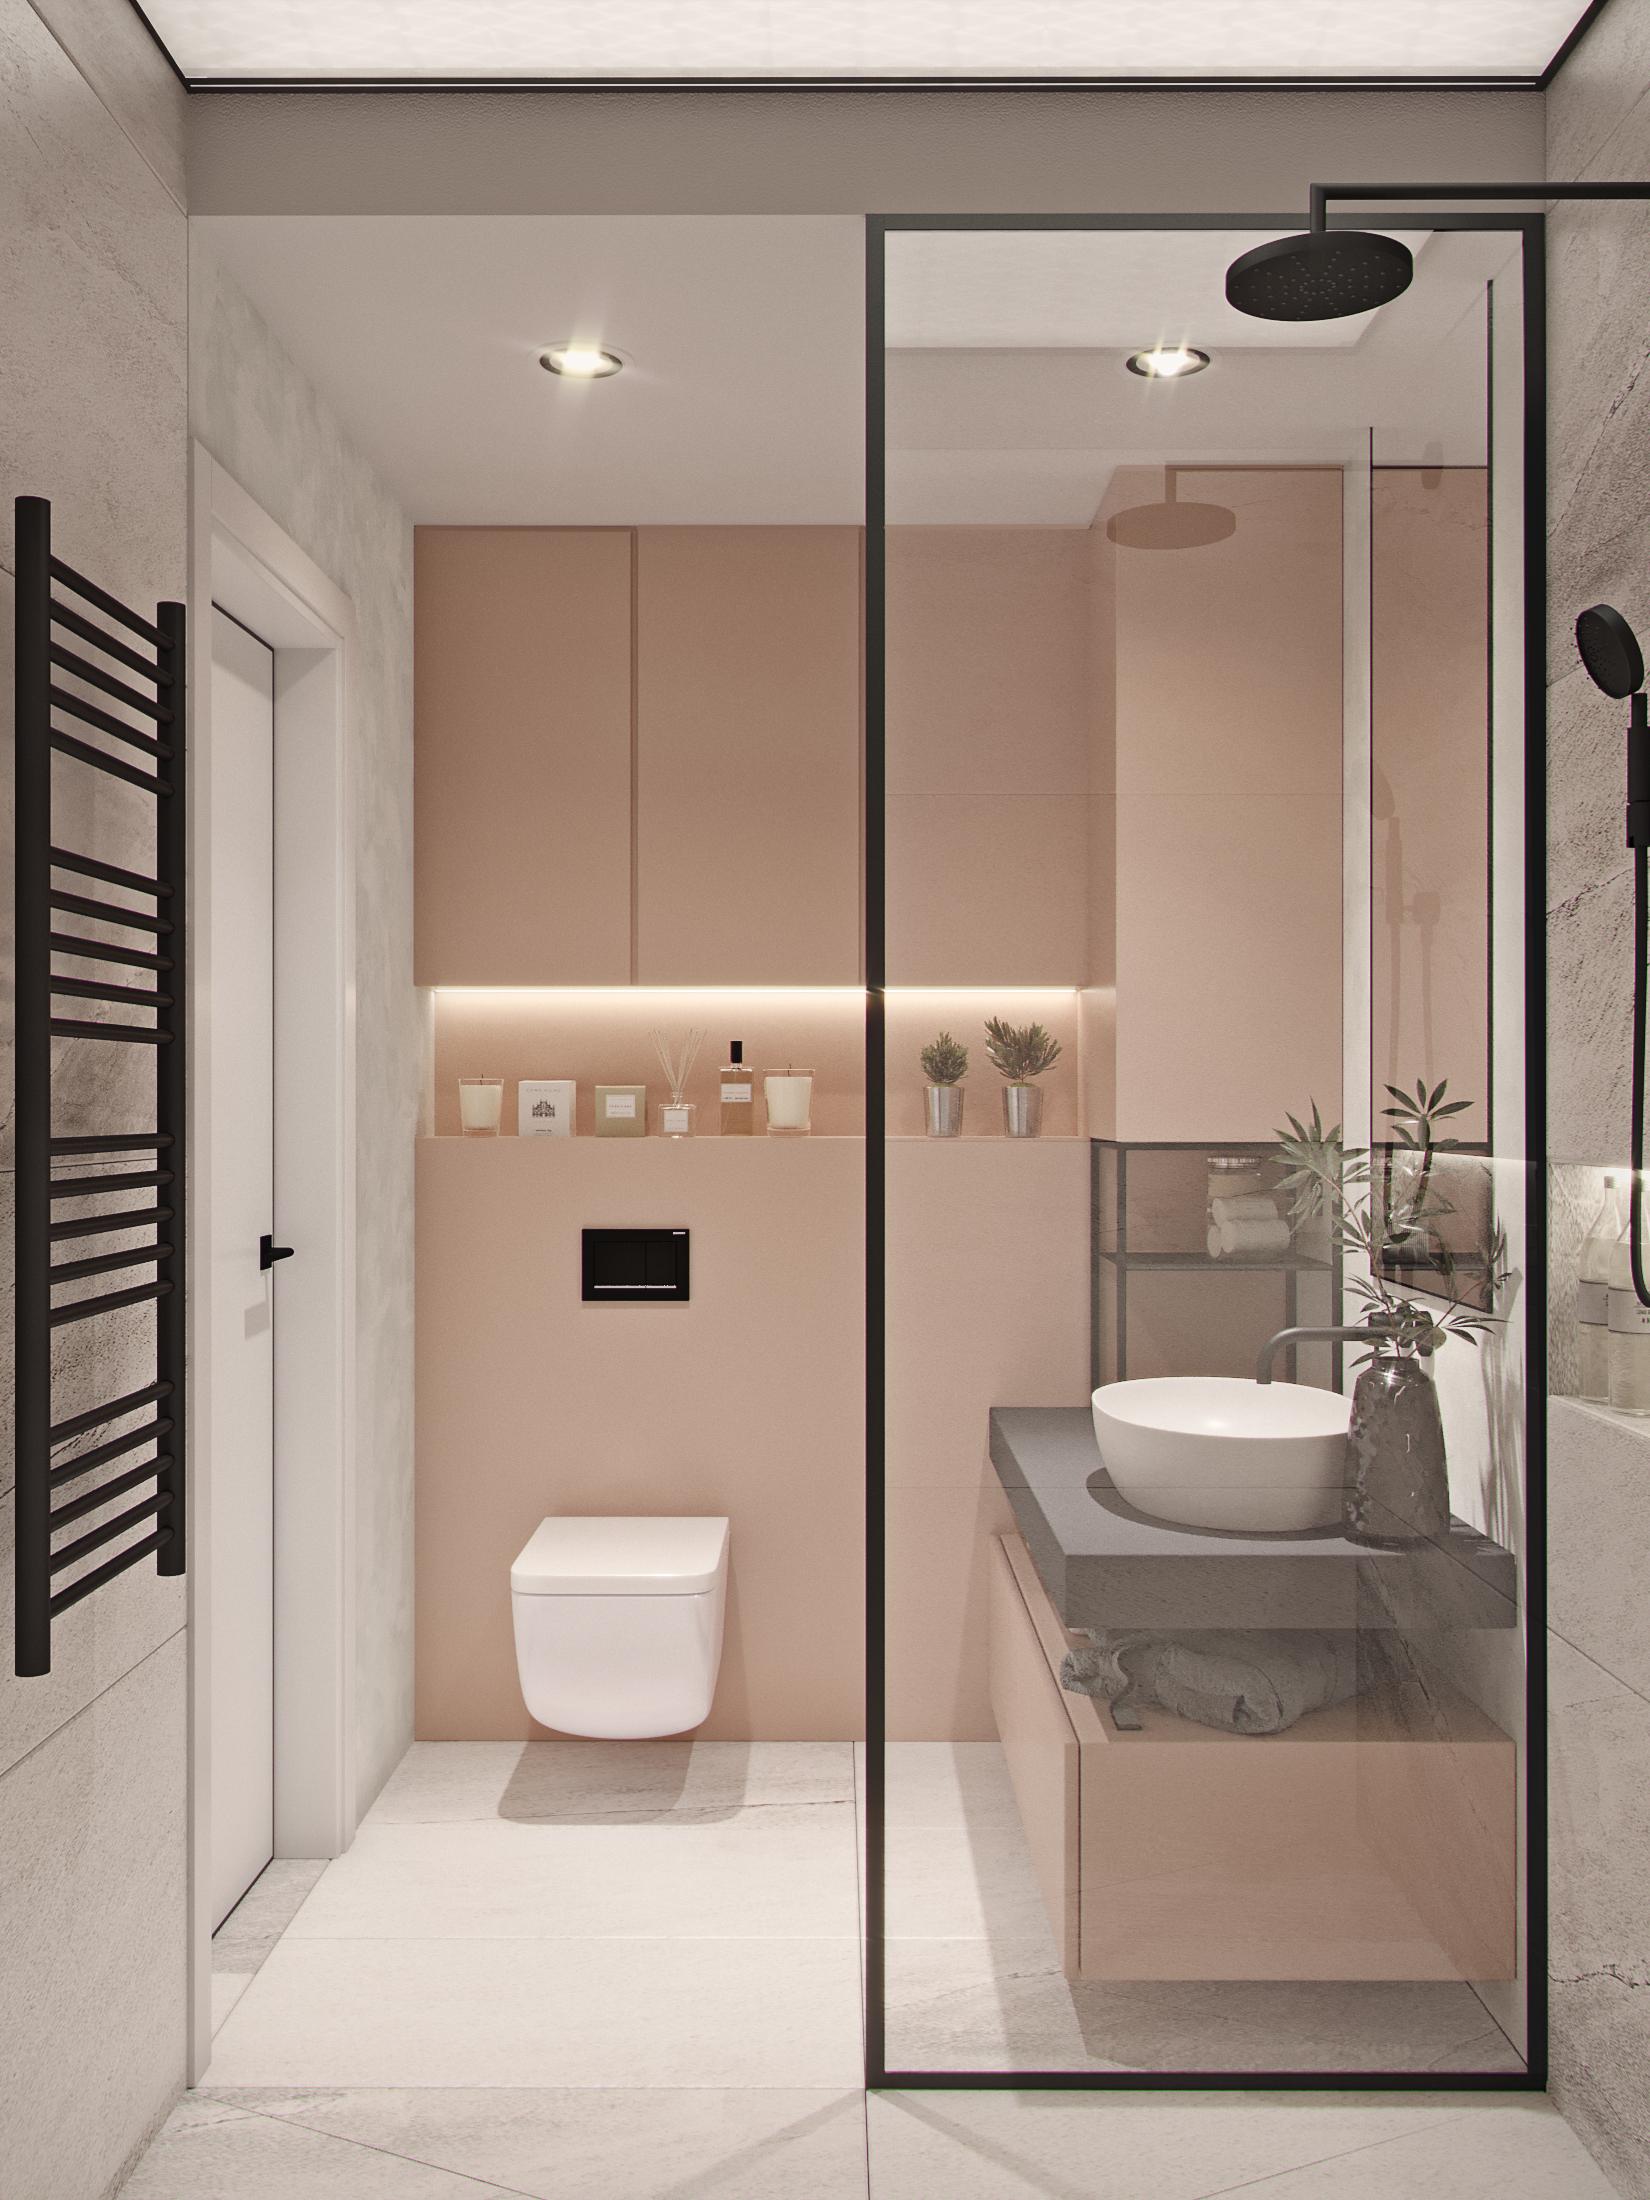 pin von d schubert auf wohnen pinterest badezimmer bad und badezimmer toilette. Black Bedroom Furniture Sets. Home Design Ideas